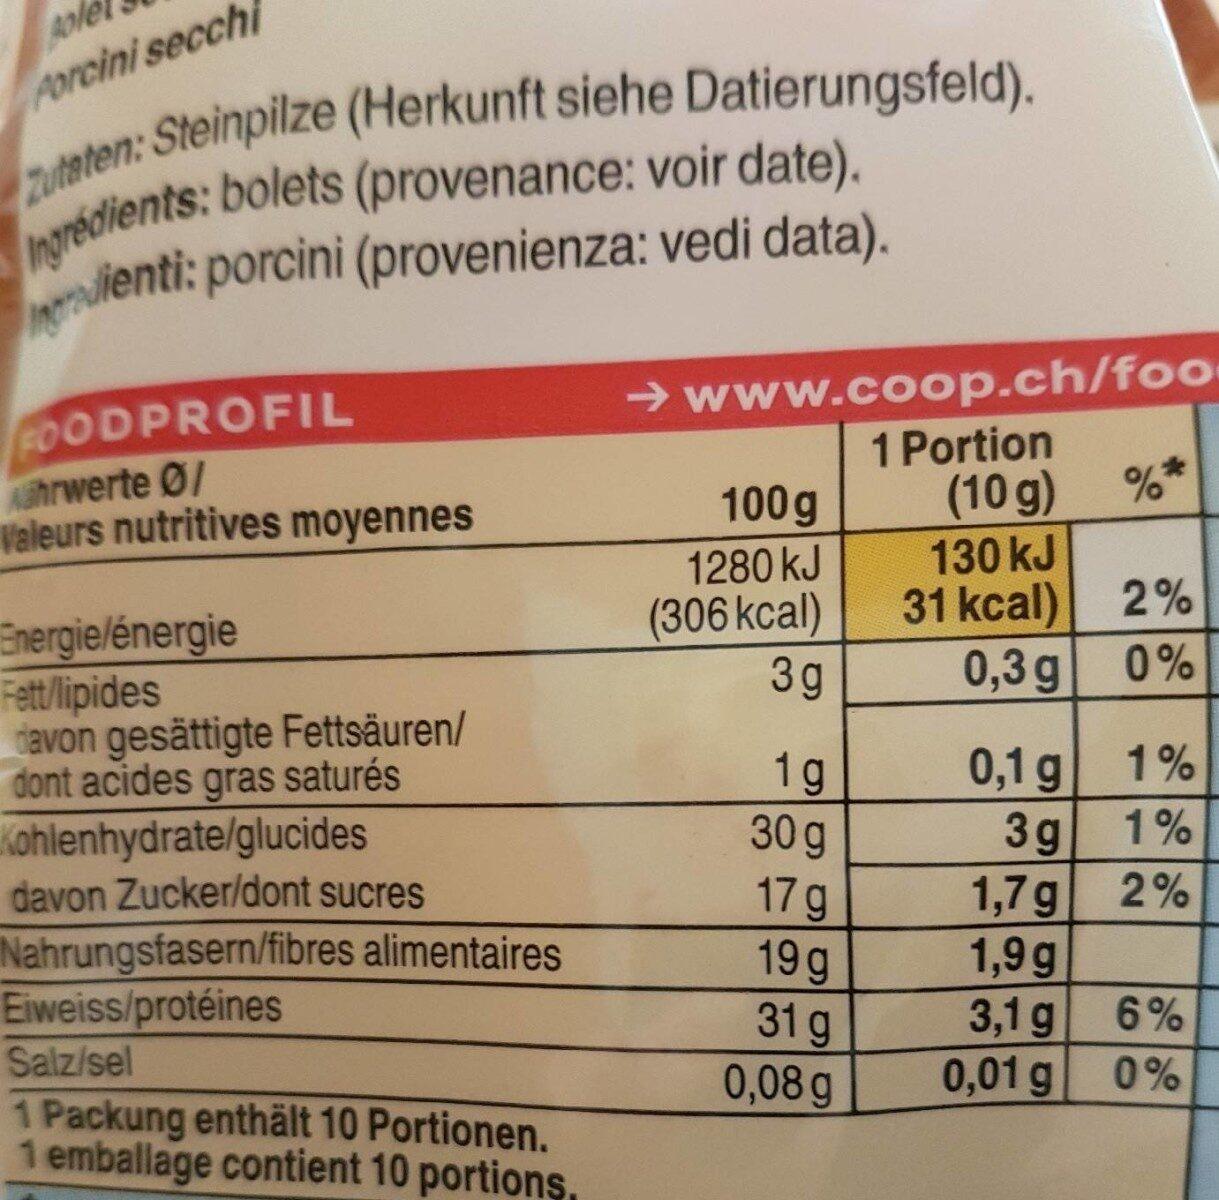 Bolets séchés - Informazioni nutrizionali - fr